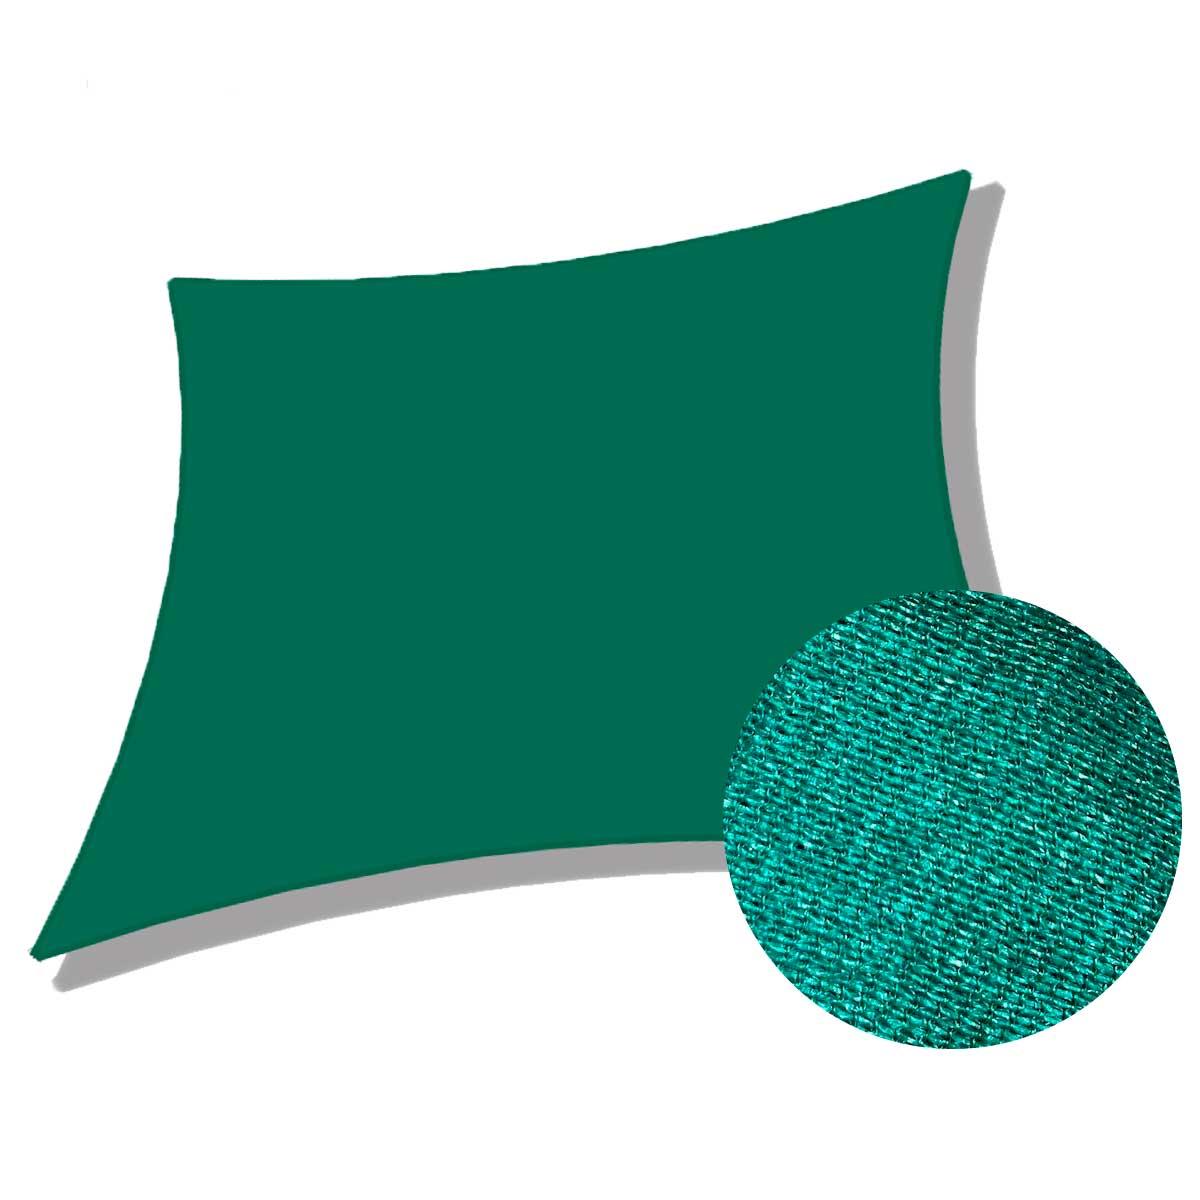 Tela Decorativa Sombrite Verde Sem Acabamento 4x5,5m